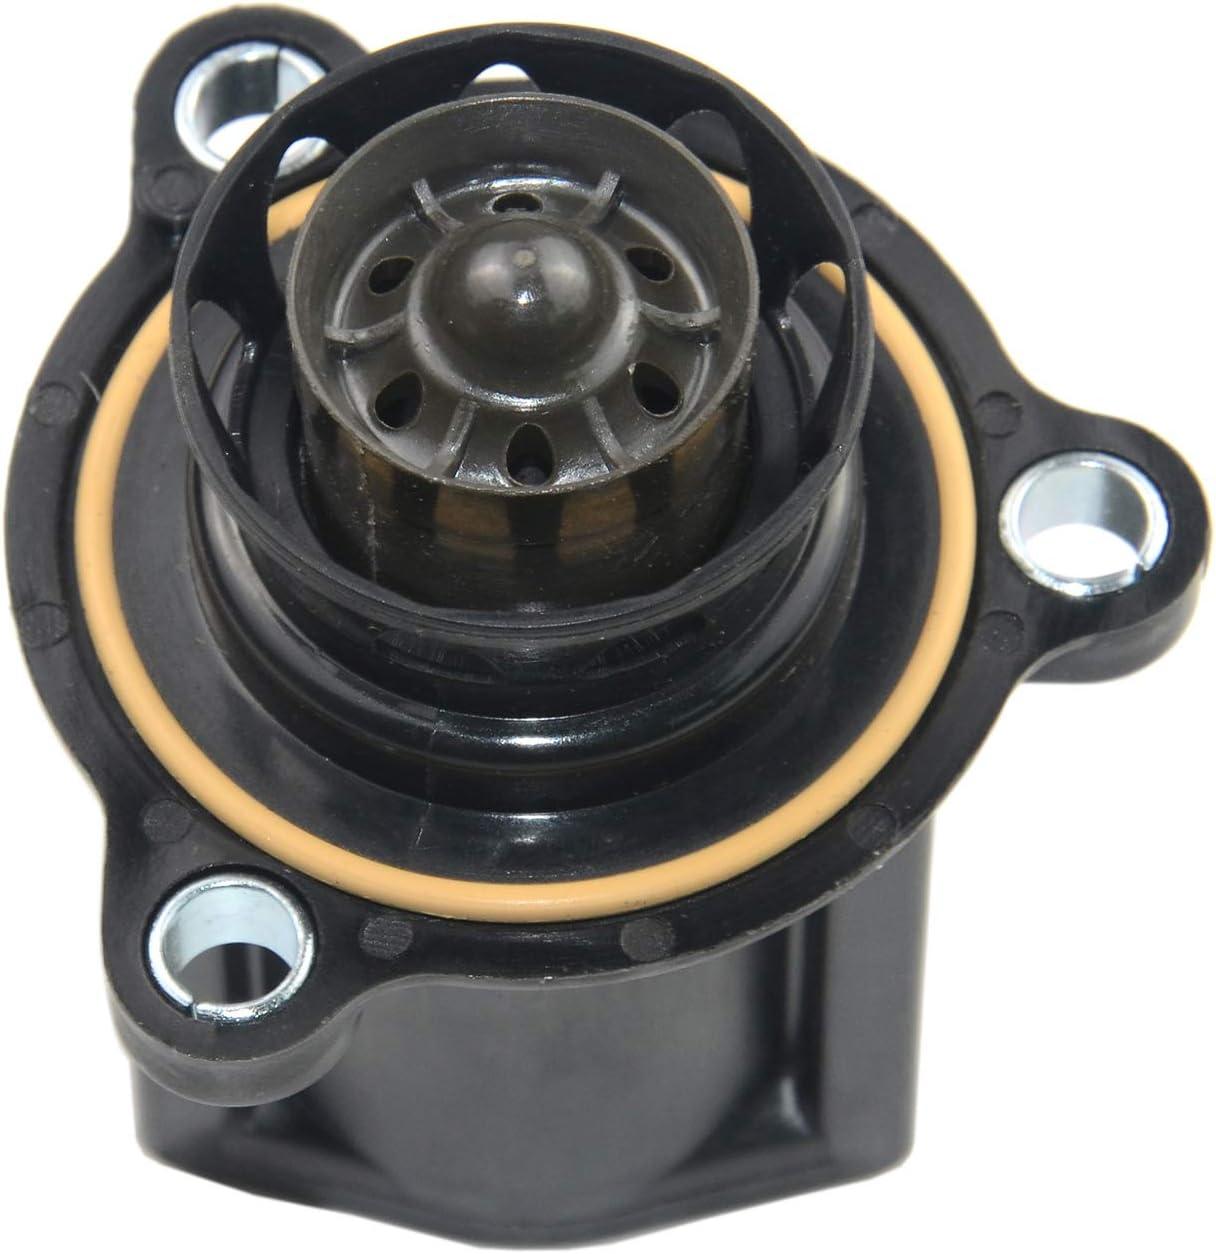 Part# 06H145710D Turbo Diverter Valve For Audi A3 A4 TT Quattro Volkswagen Jetta Passat Tiguan Beetle CC Eos GTI Replace Part Number 06F145710G